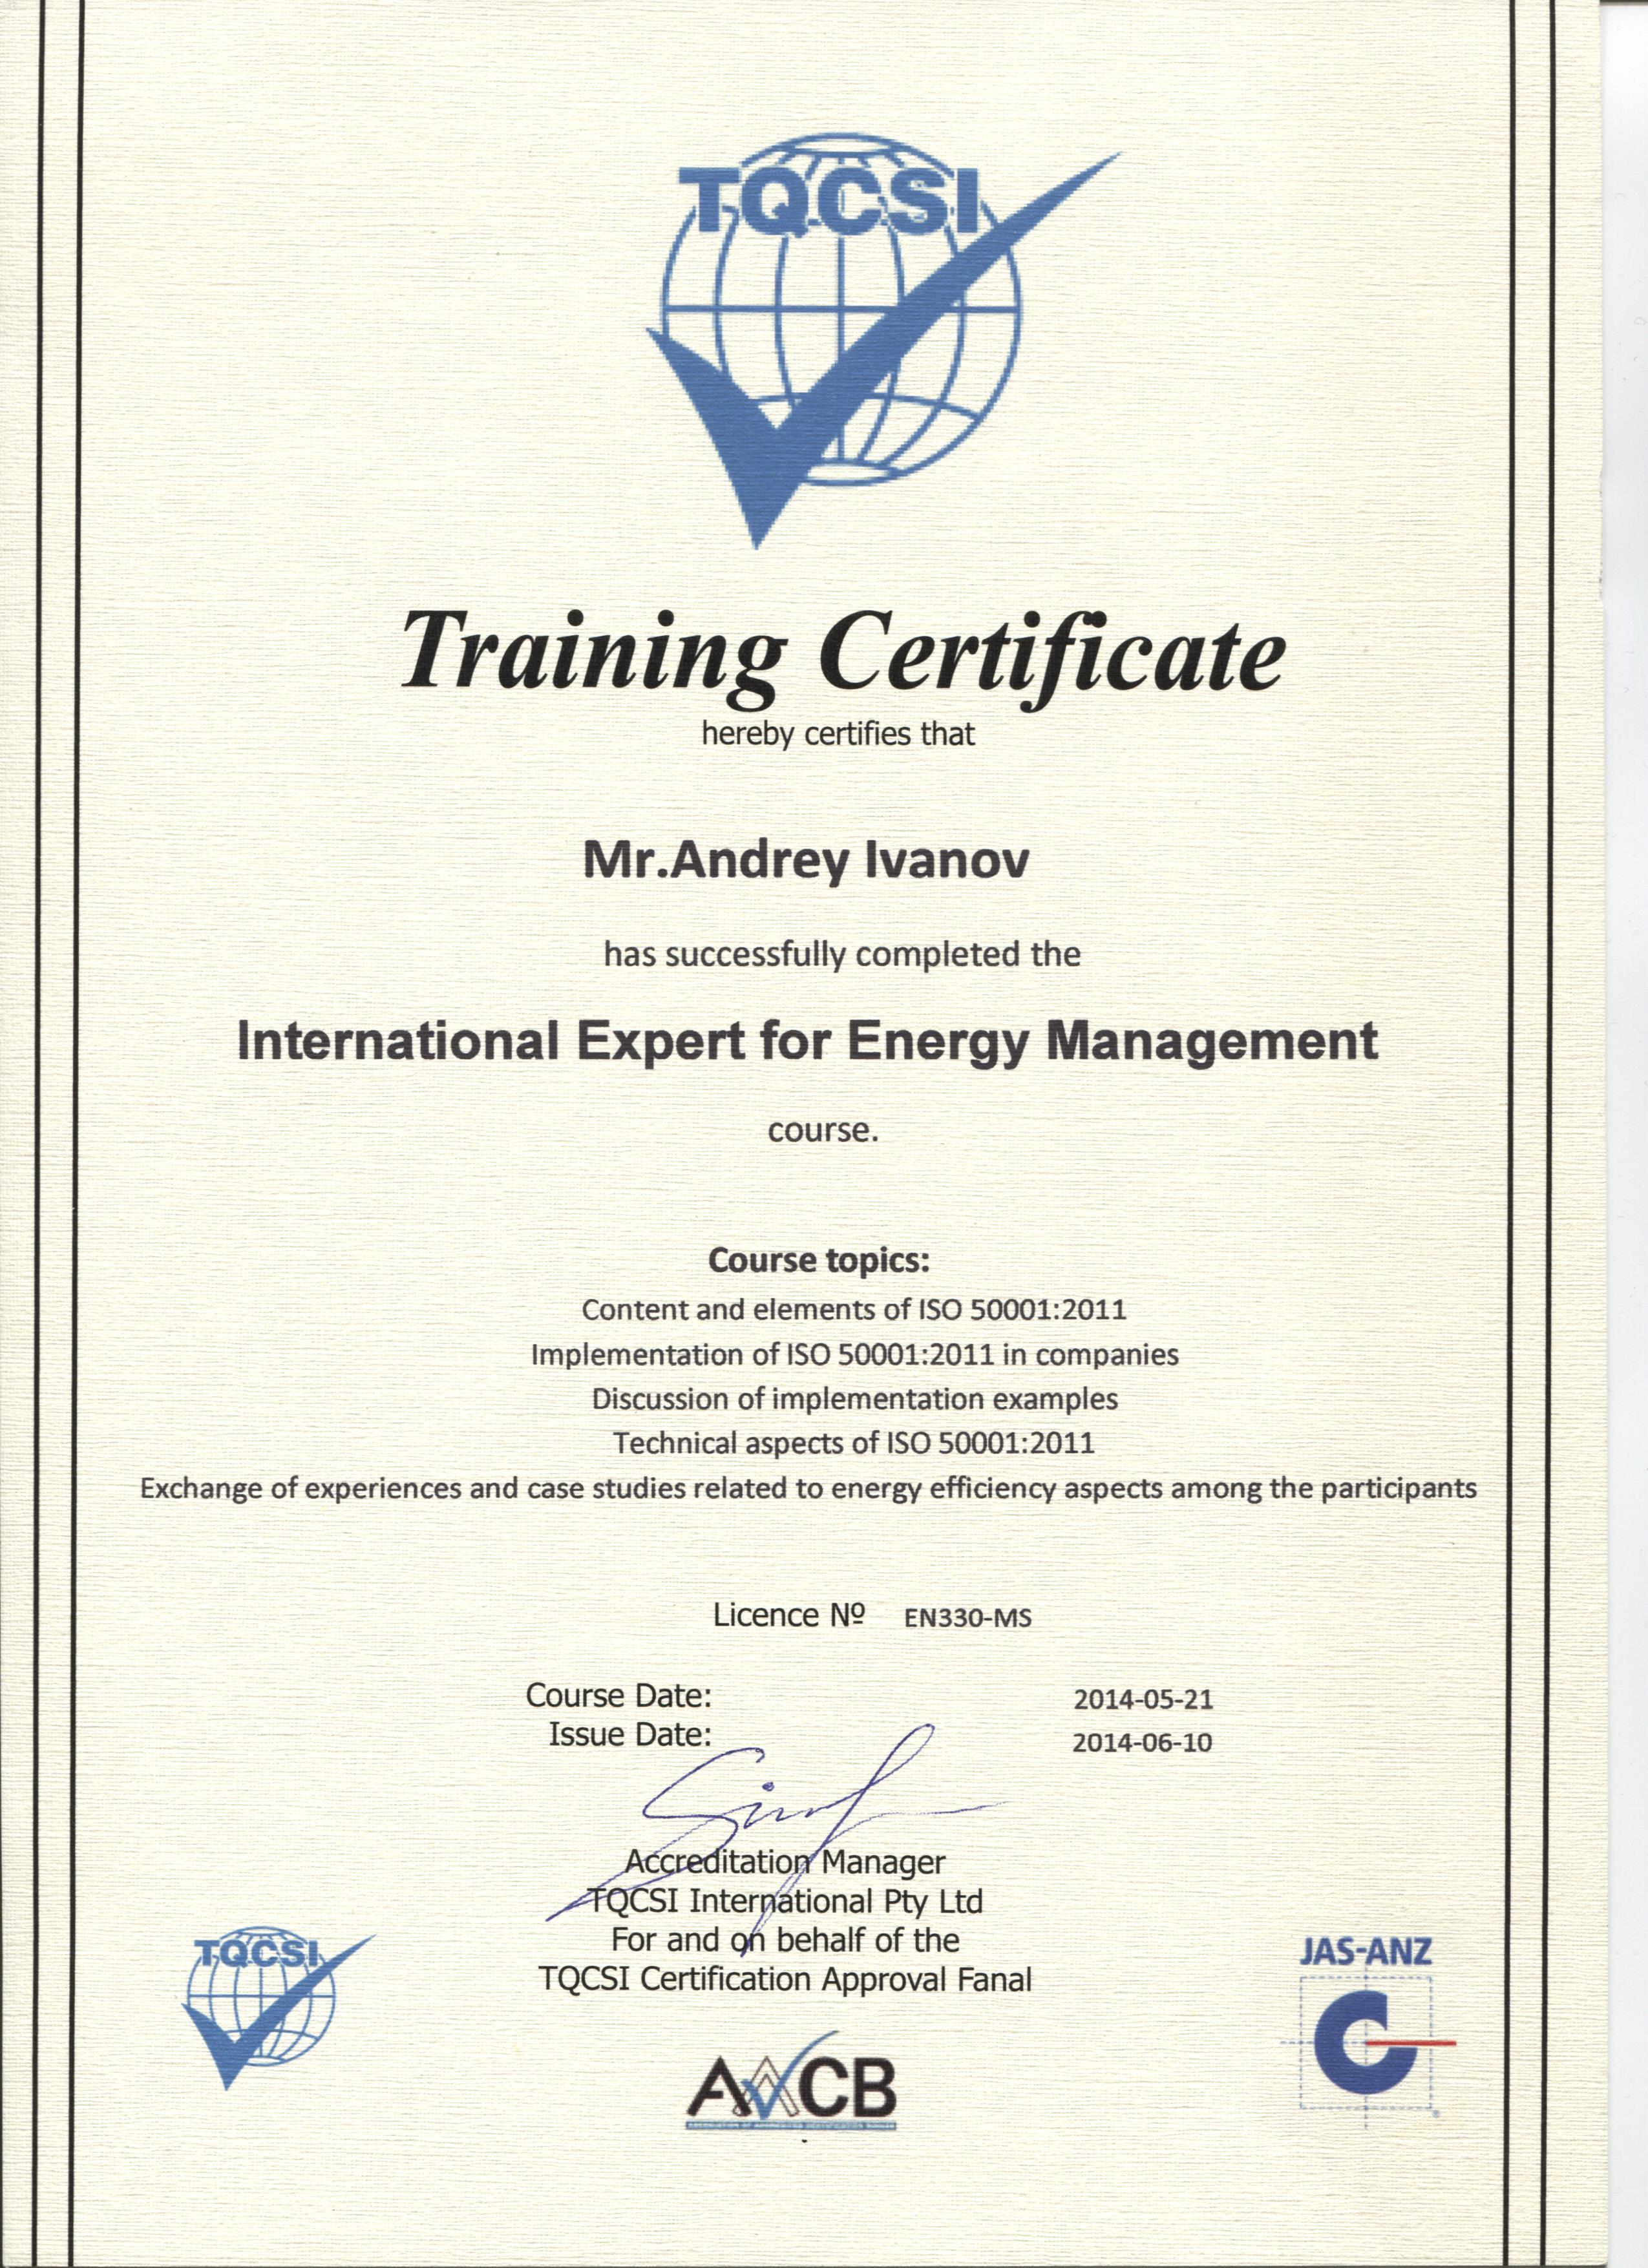 Иванов А.Б. - Сертификат эксперта по энергоменеджменту